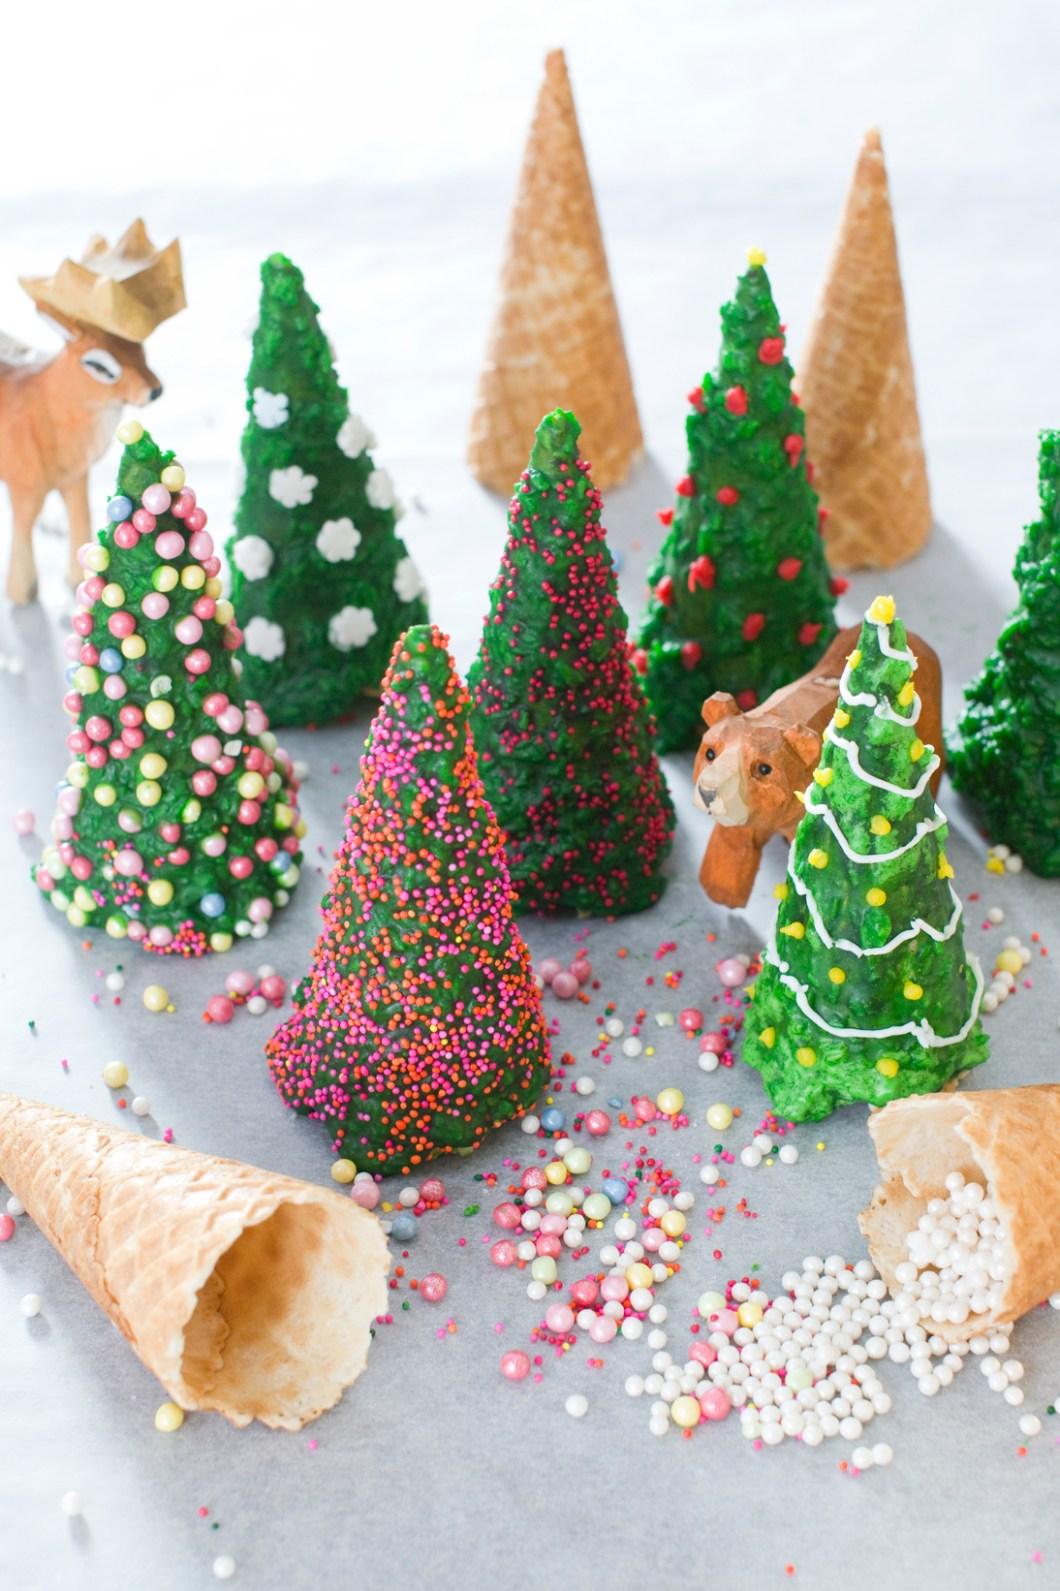 Pynt juletraer med kakepynt